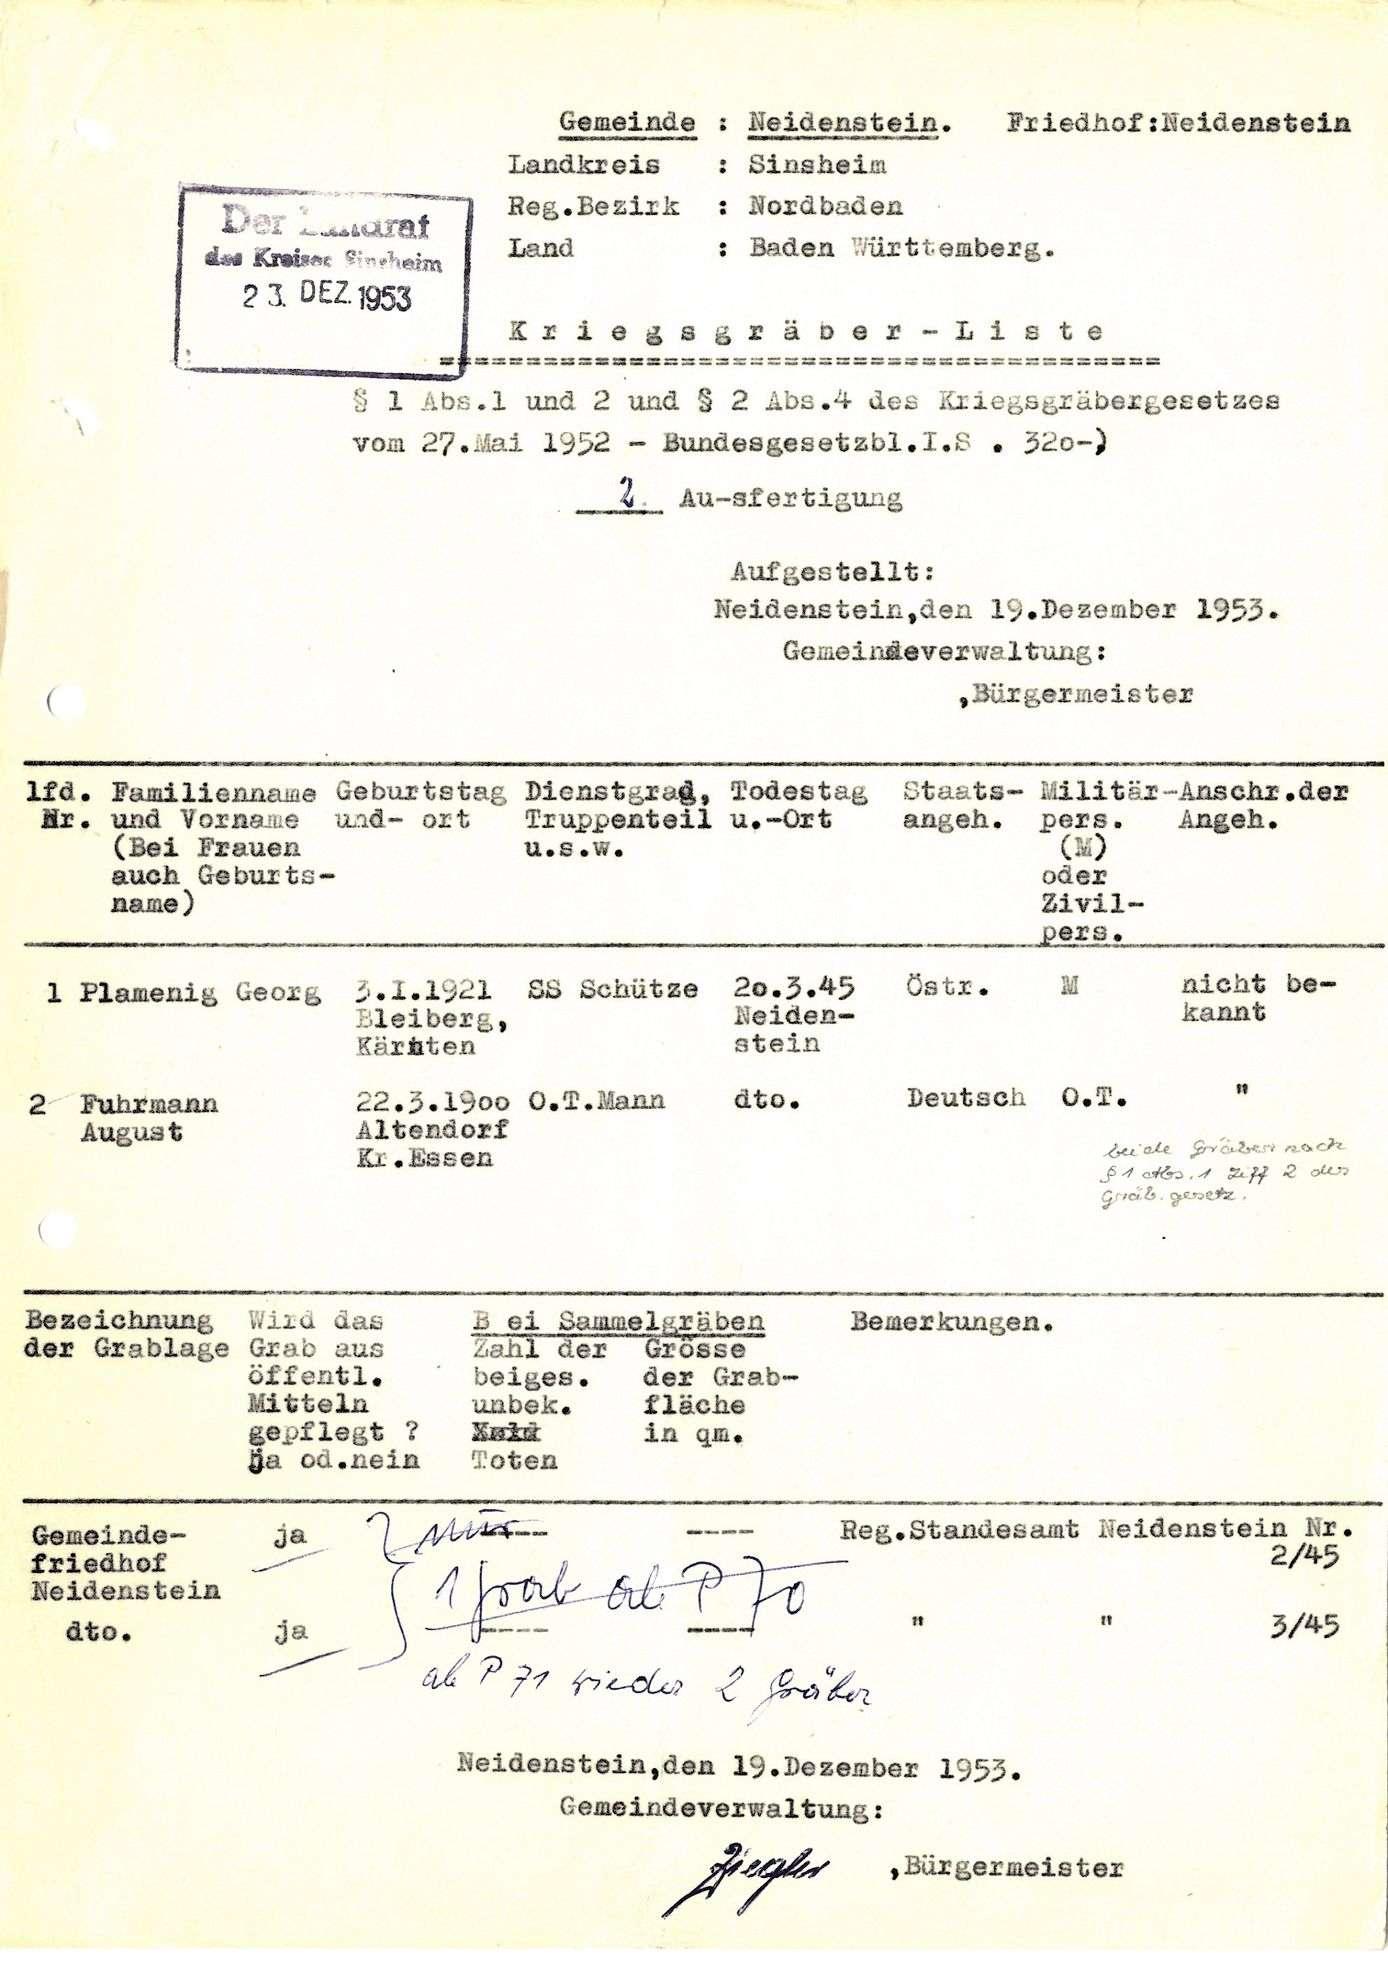 Neidenstein, Bild 1